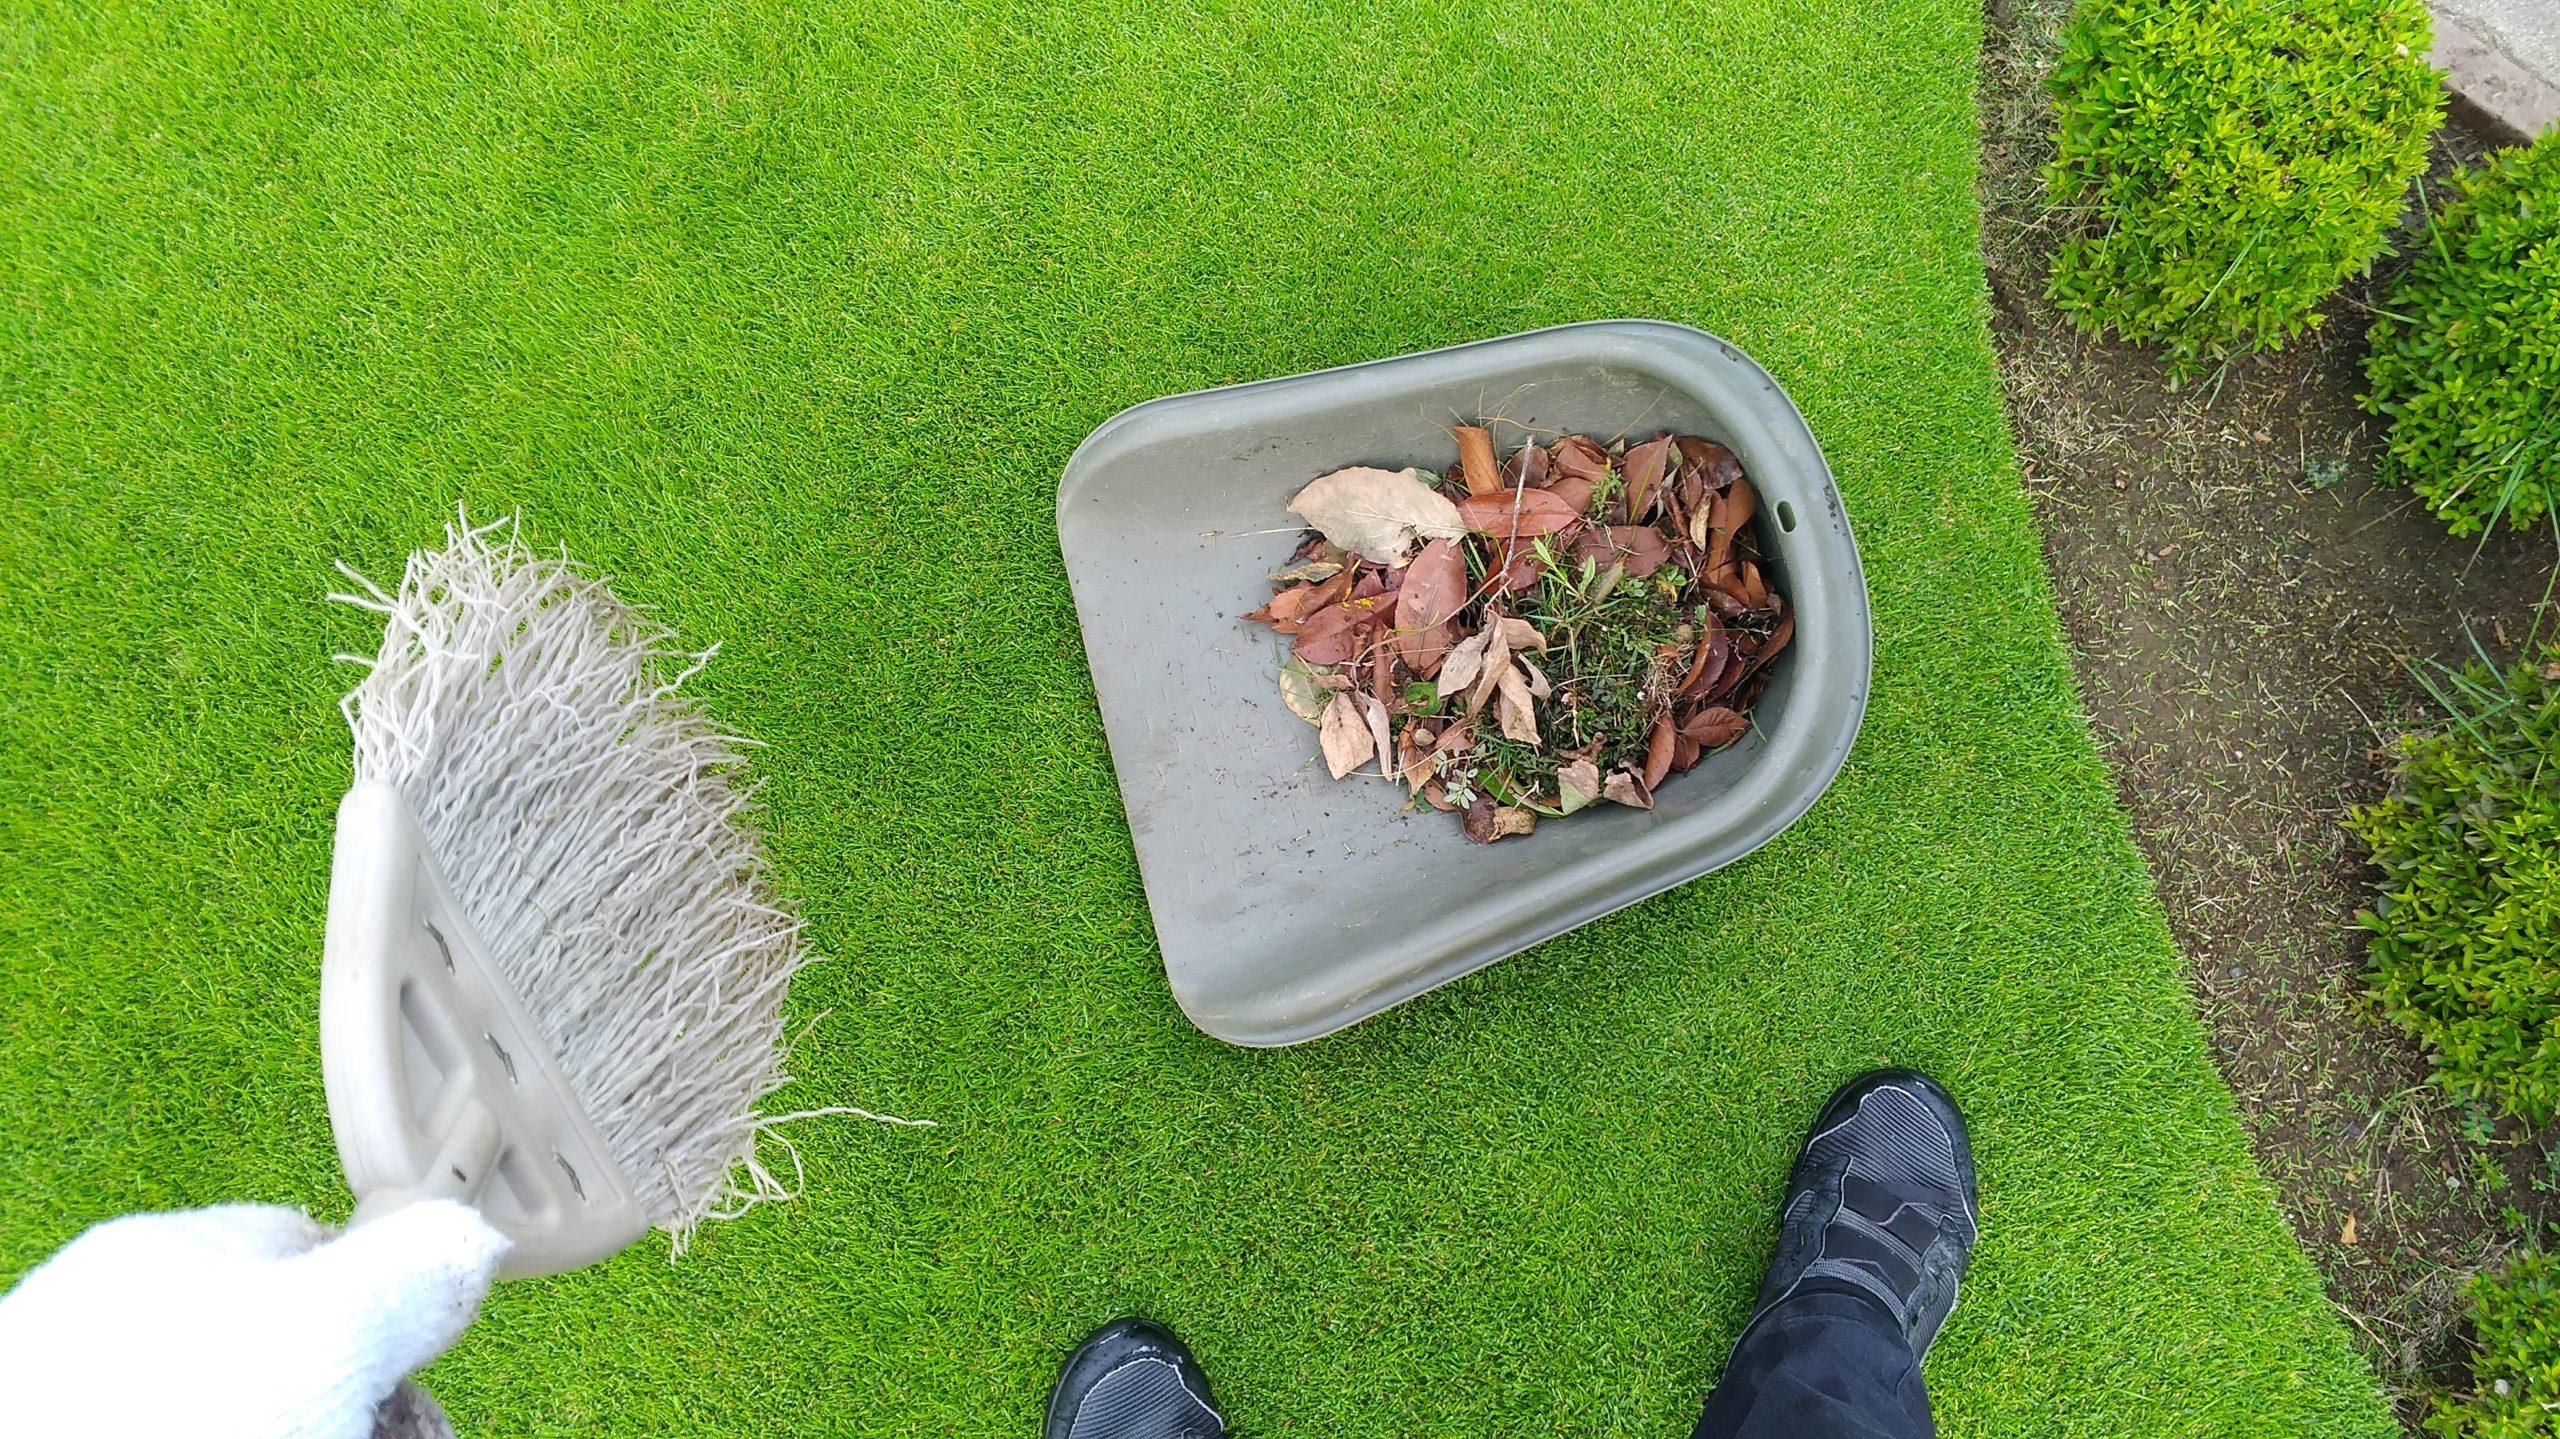 芝生の落ち葉を掃除するコツ😃✨